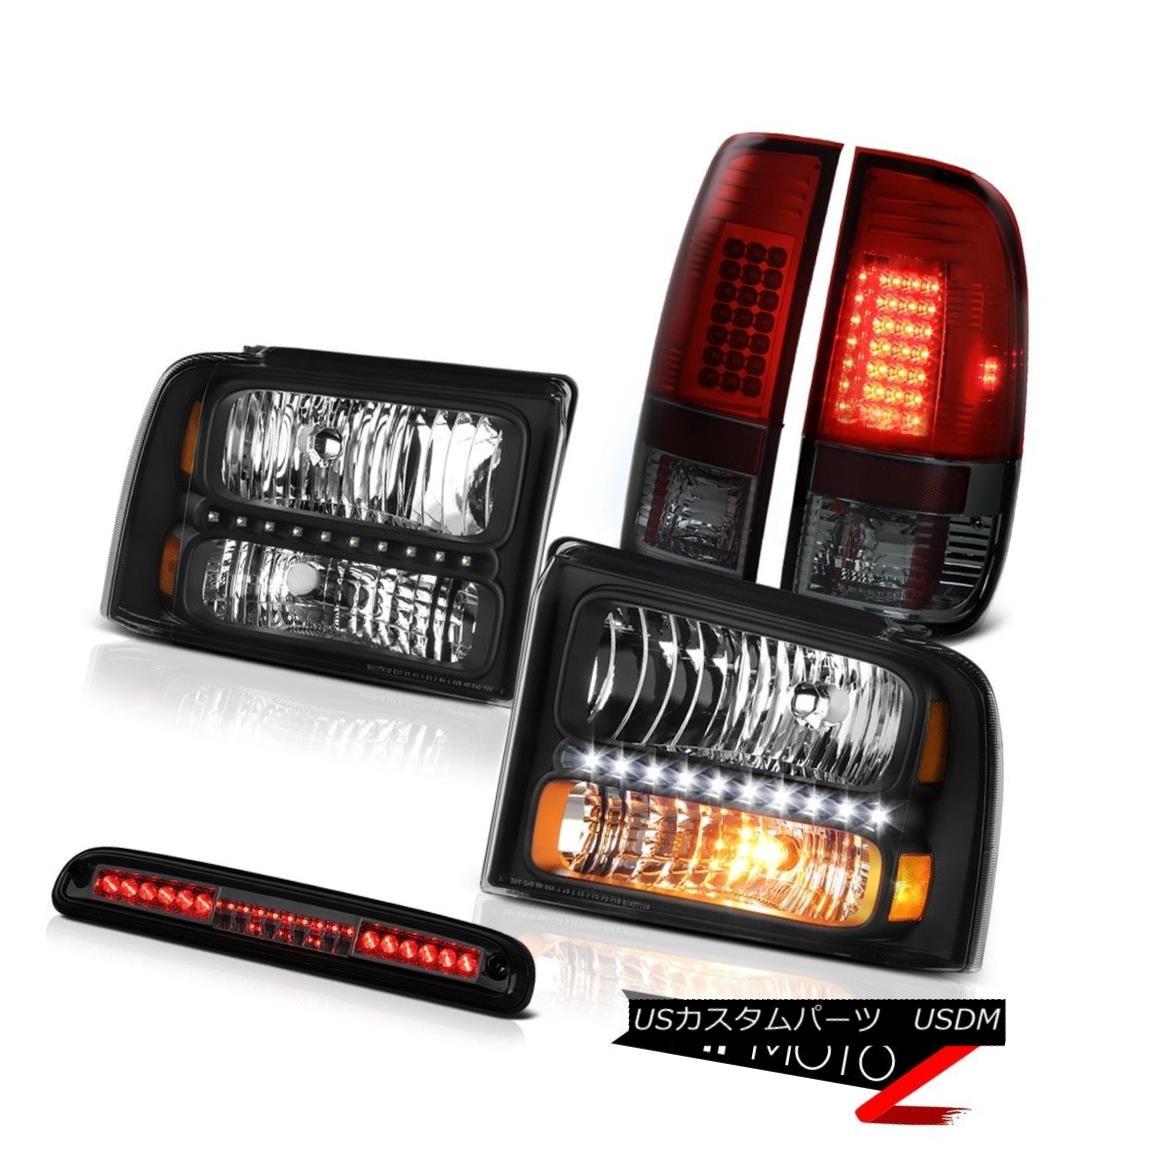 ヘッドライト 2005-2007 F250 Outlaw Left Right Headlights LED Bulb Tail Lights High Stop Smoke 2005-2007 F250無法左右ヘッドライトLED電球テールライトハイストップスモーク